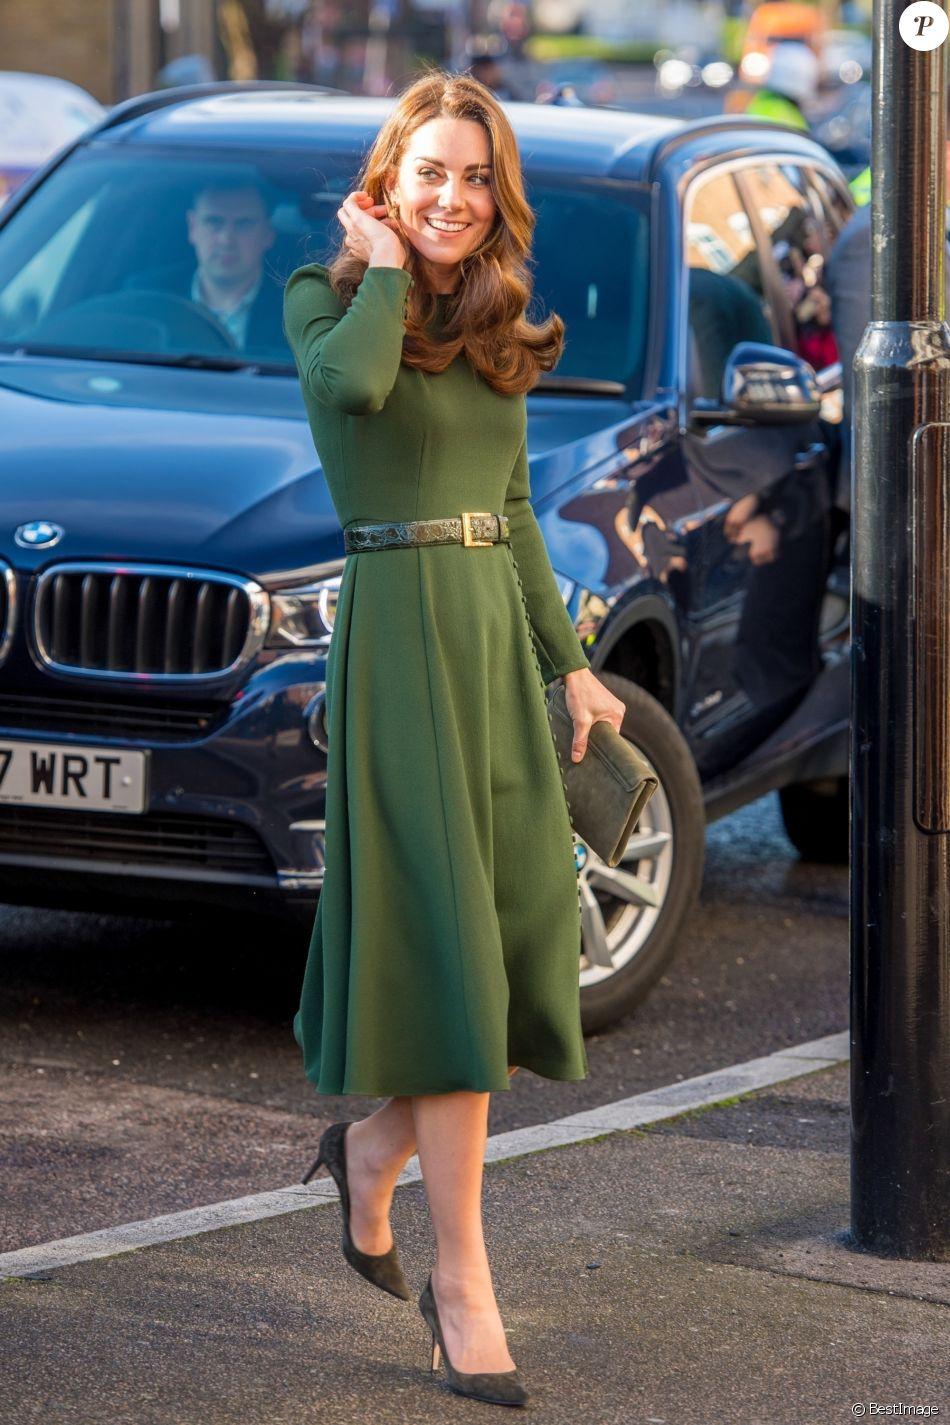 """Catherine Kate Middleton, duchesse de Cambridge, arrive en visite chez """"Family Action charity's Lewisham"""" à Londres dans le quartier de Lewisham le 22 janvier 2019."""